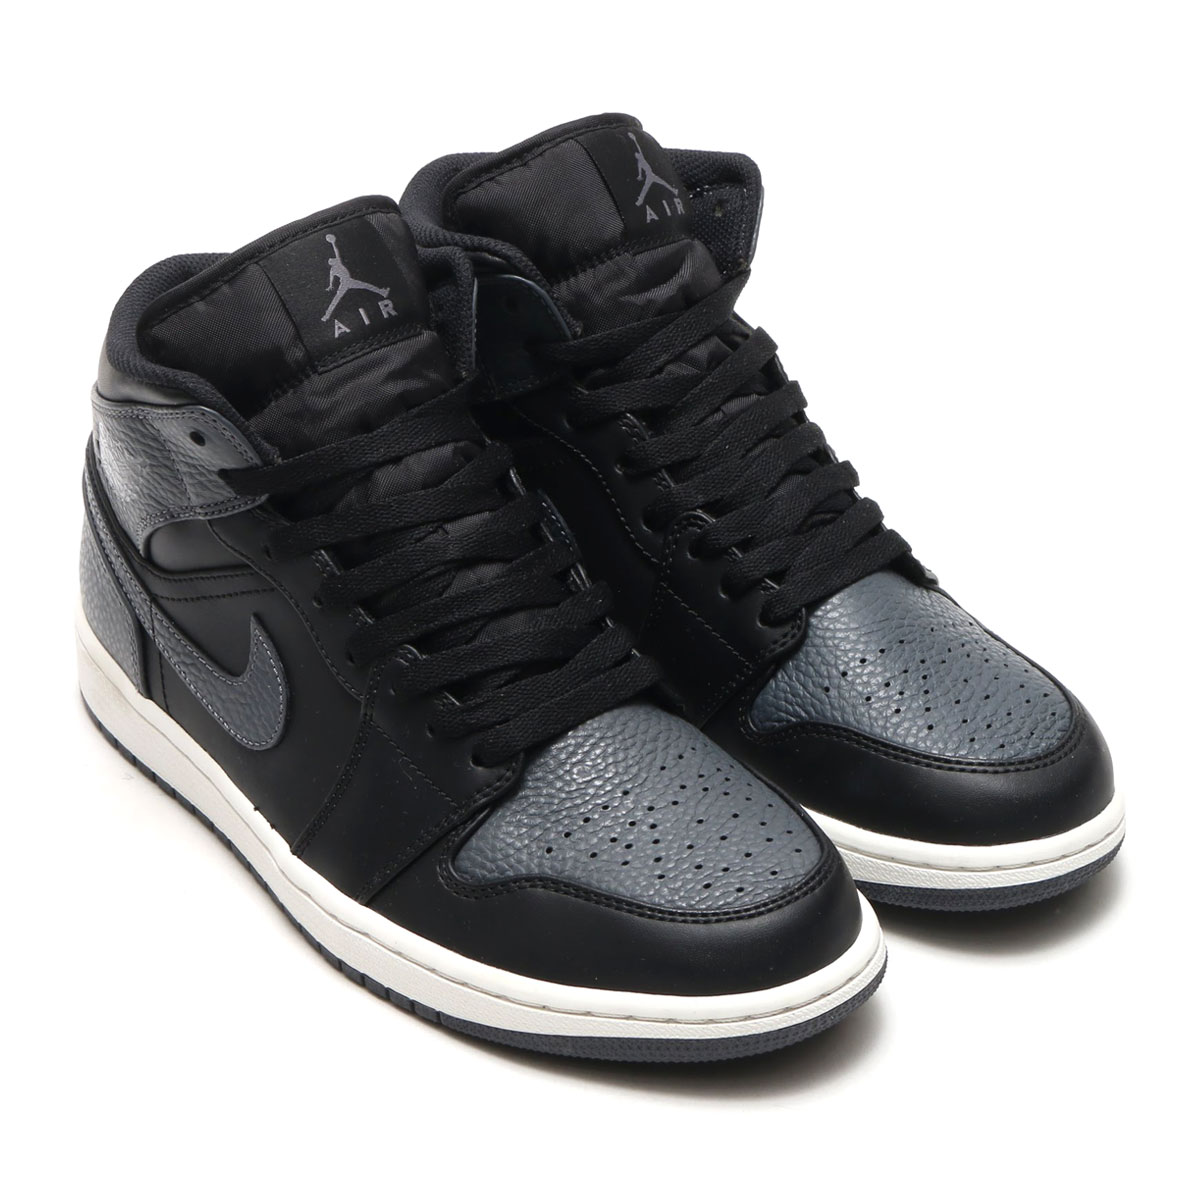 Nike Air Jordan 1 Mid 554724 041